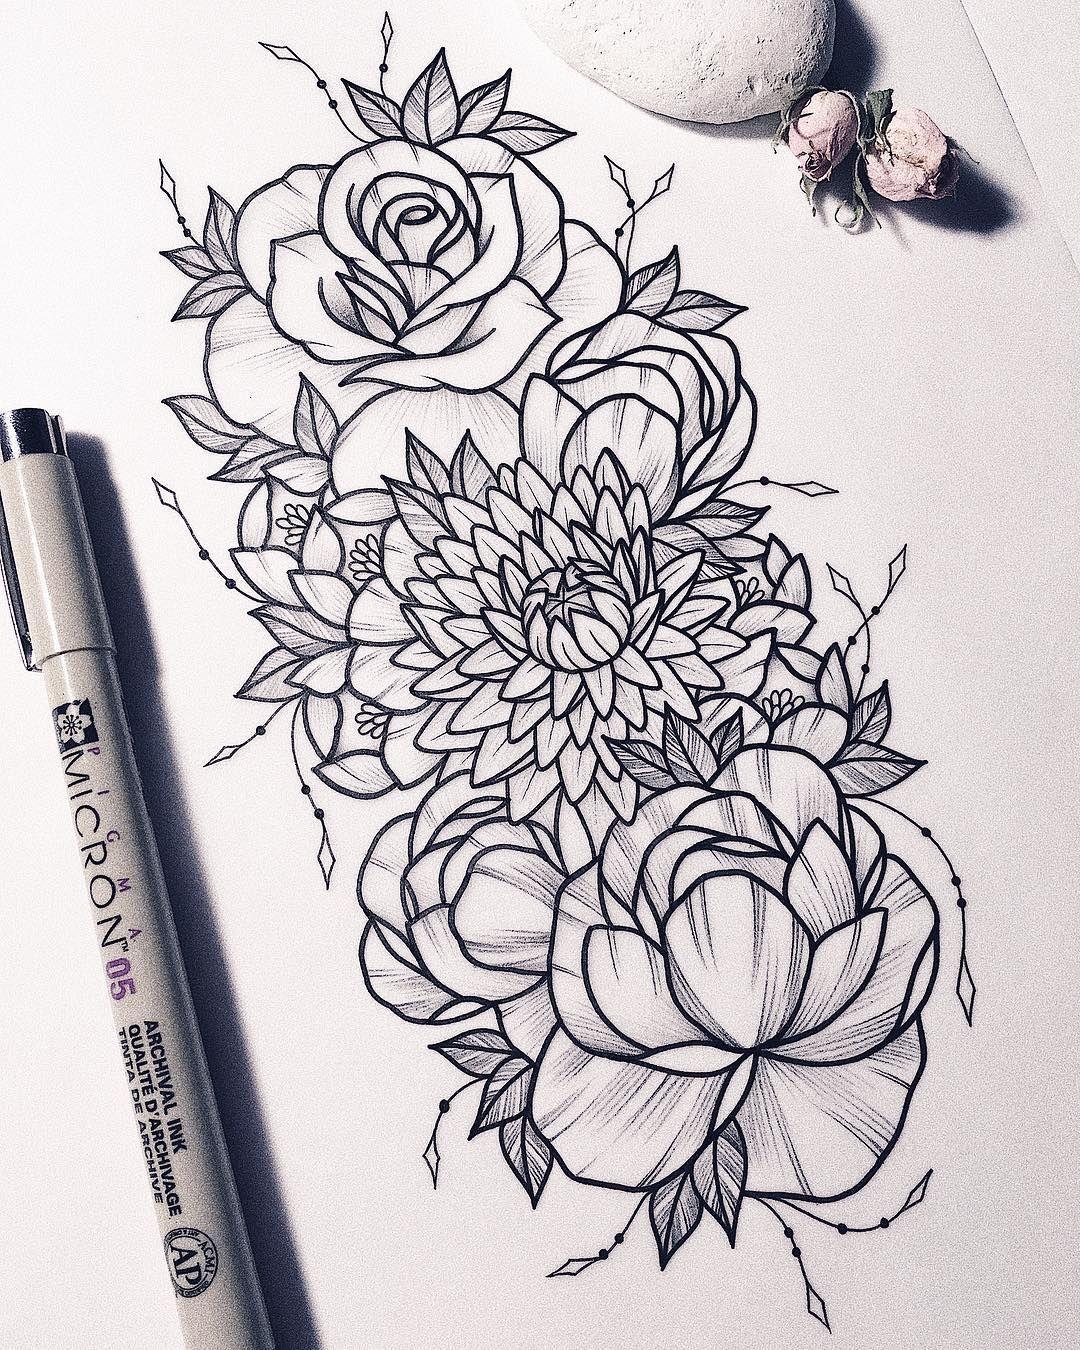 860 Likes 4 Comments Victoria Kovalenko Tattooer